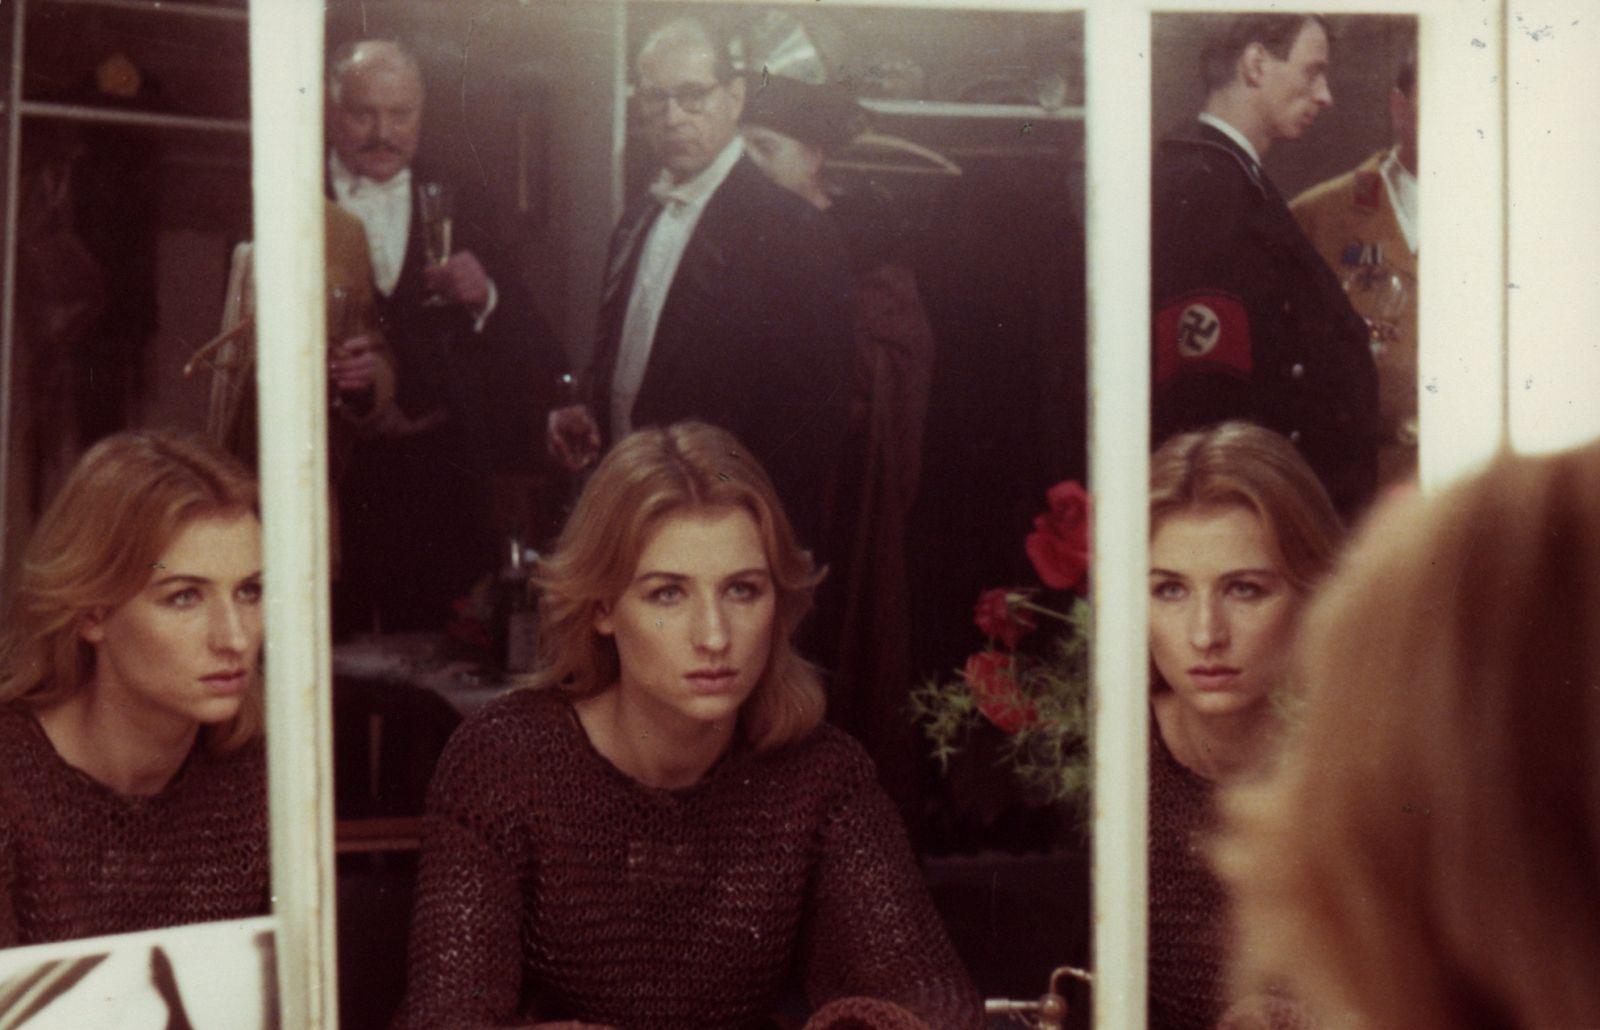 Szenenfoto aus dem Film Die Schauspielerin (Deutsche Demokratische Republik 1988, Regie: Siegfried Kühn)